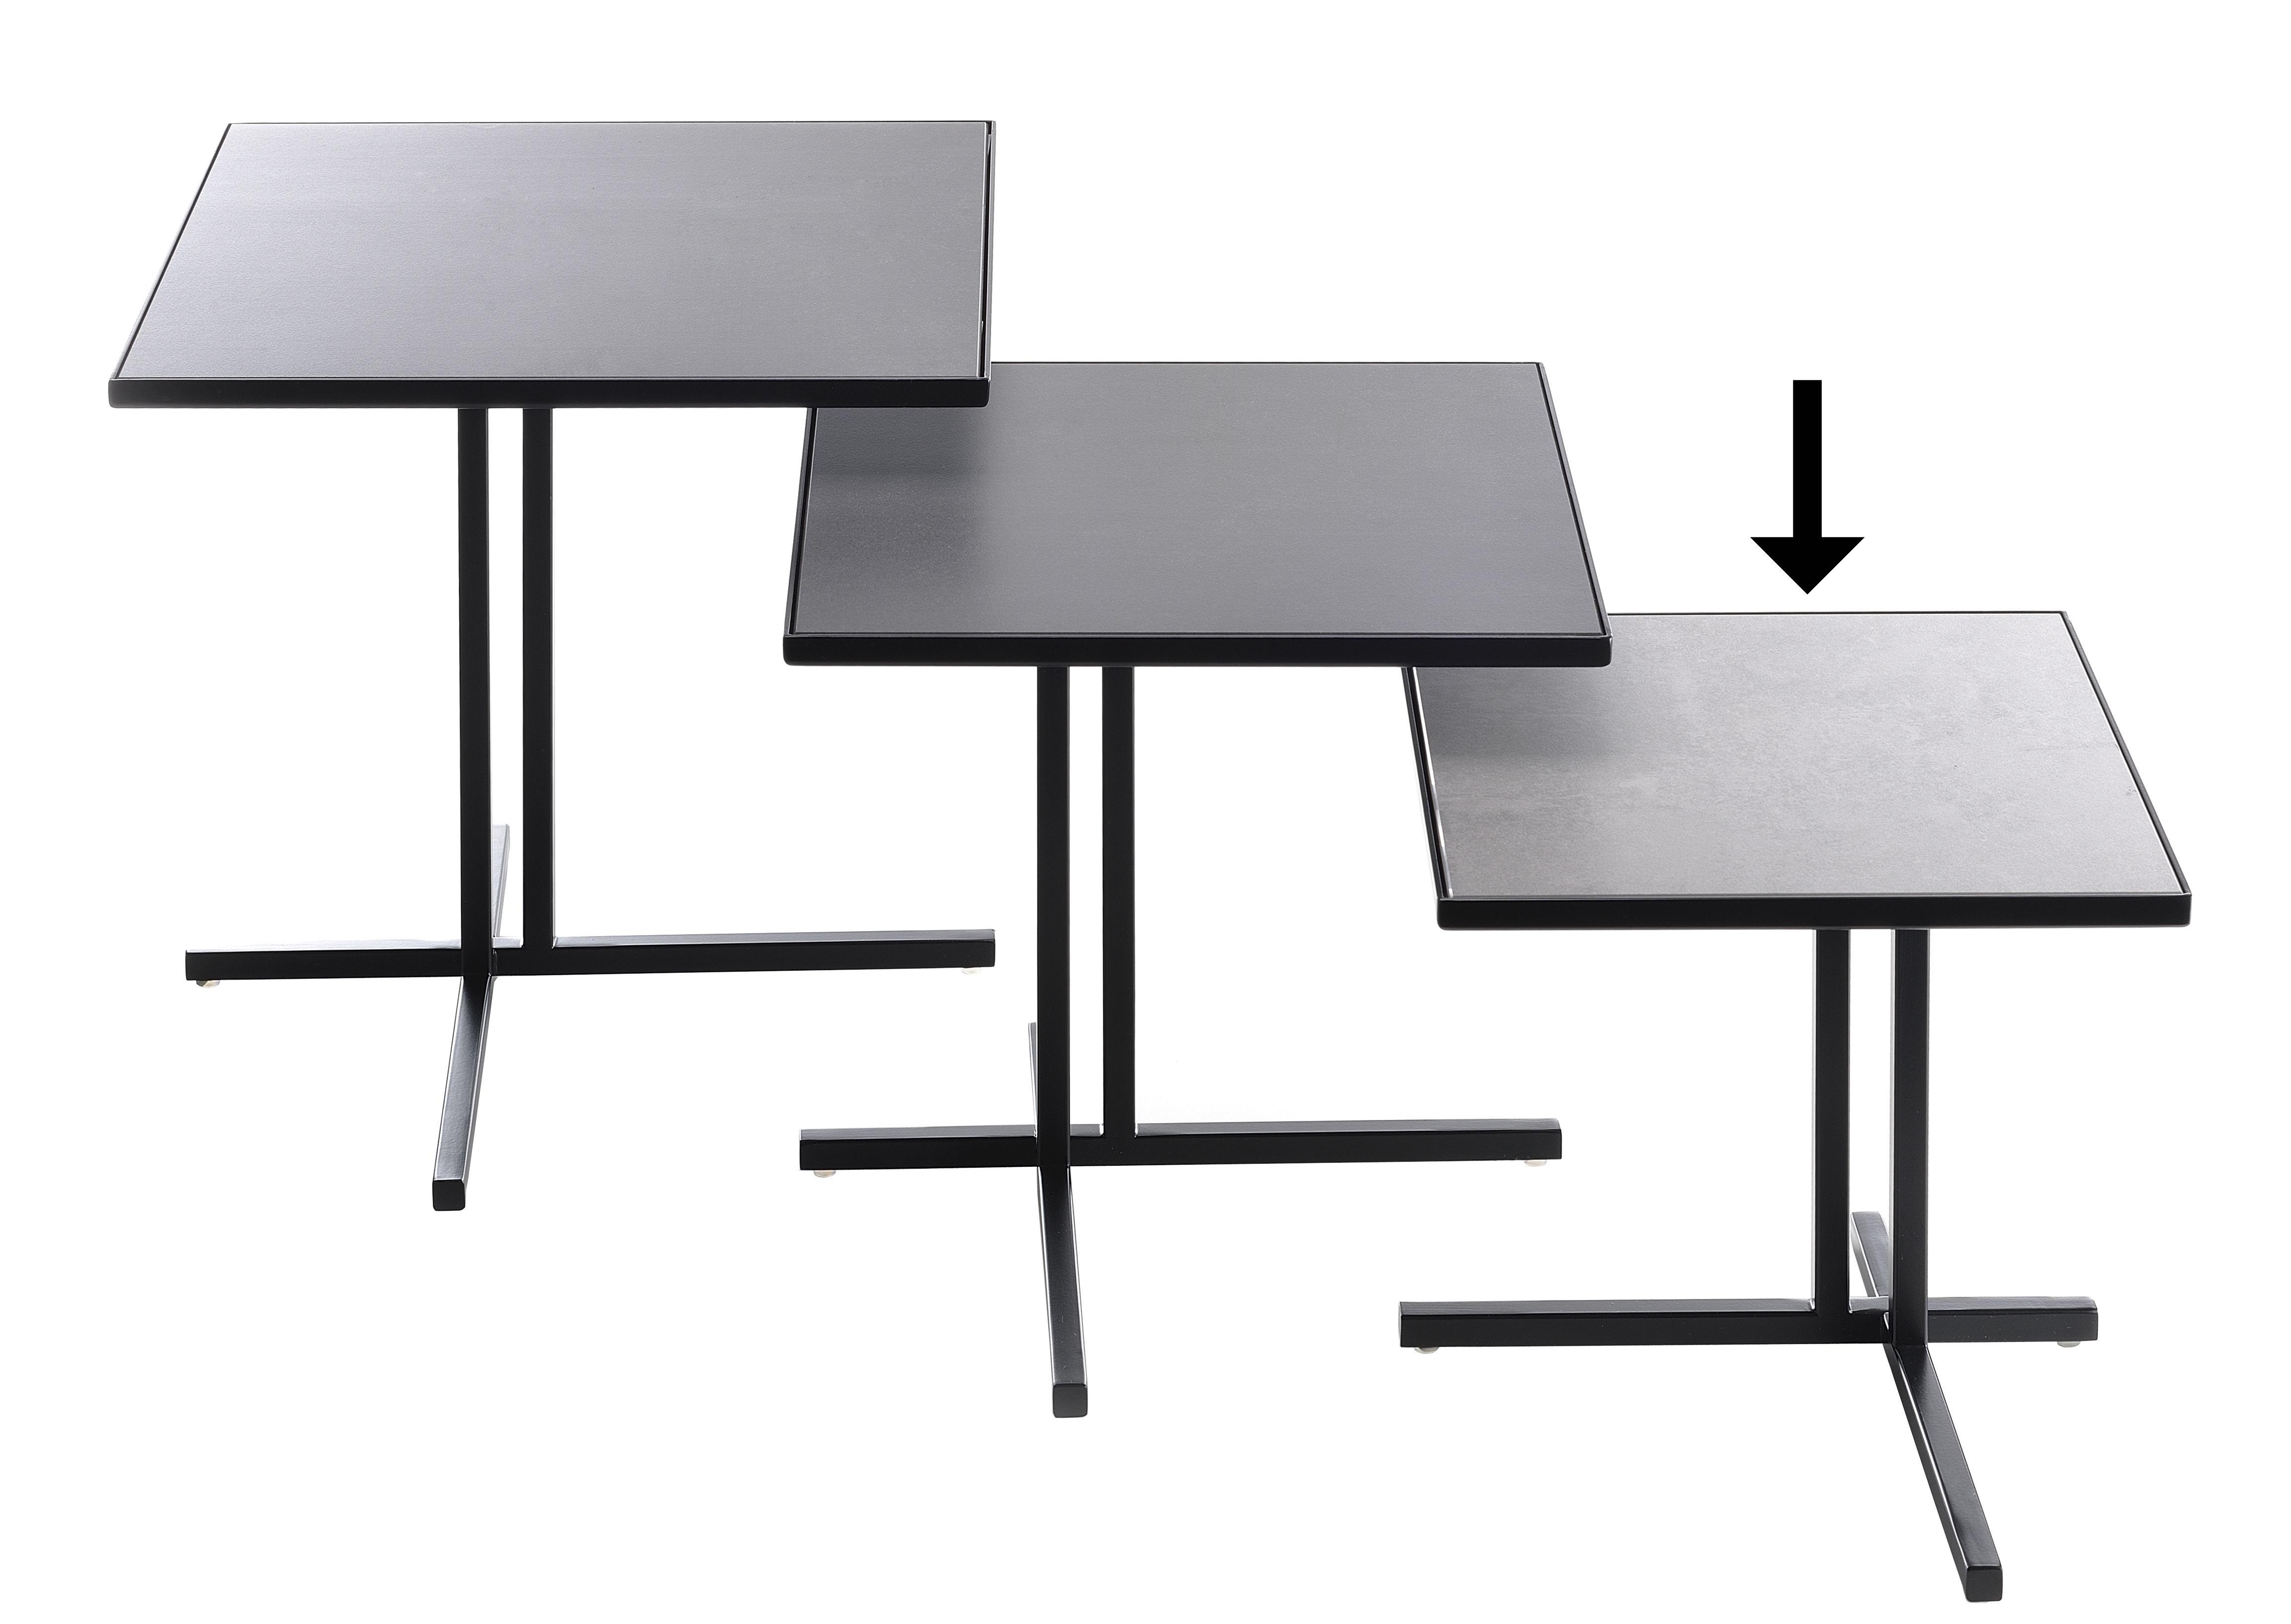 k 30 x 30 x h 30 cm mdf italia beistelltisch. Black Bedroom Furniture Sets. Home Design Ideas